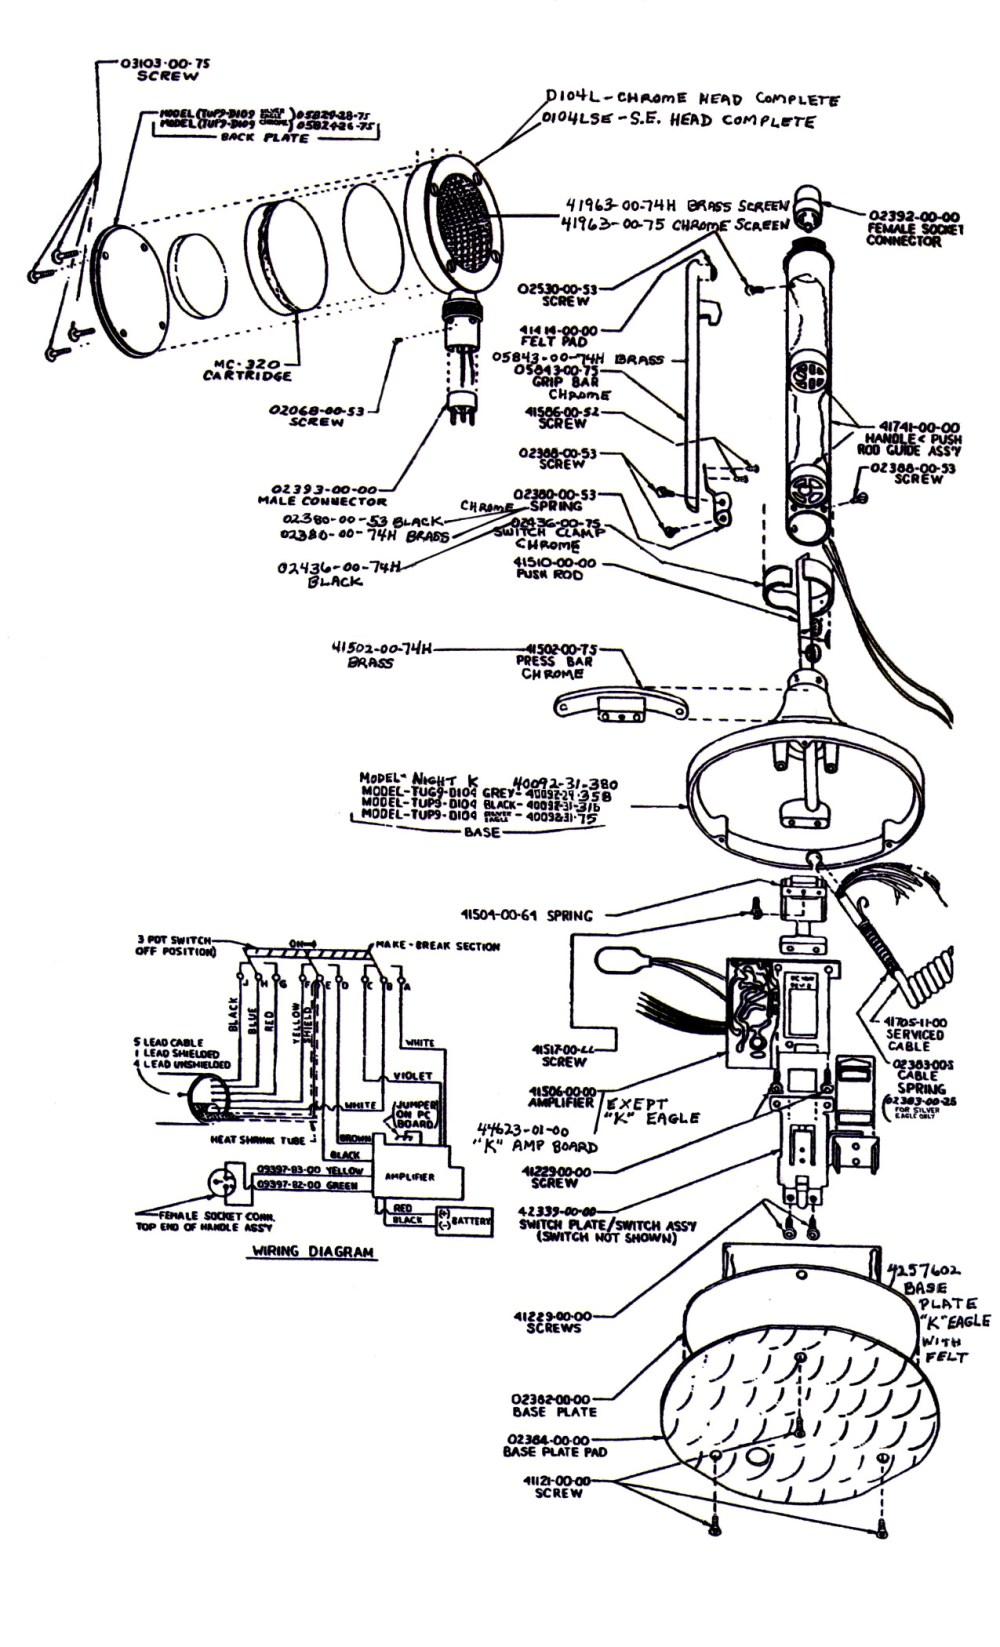 medium resolution of microphone parts diagram wiring diagram inside microphone parts diagram